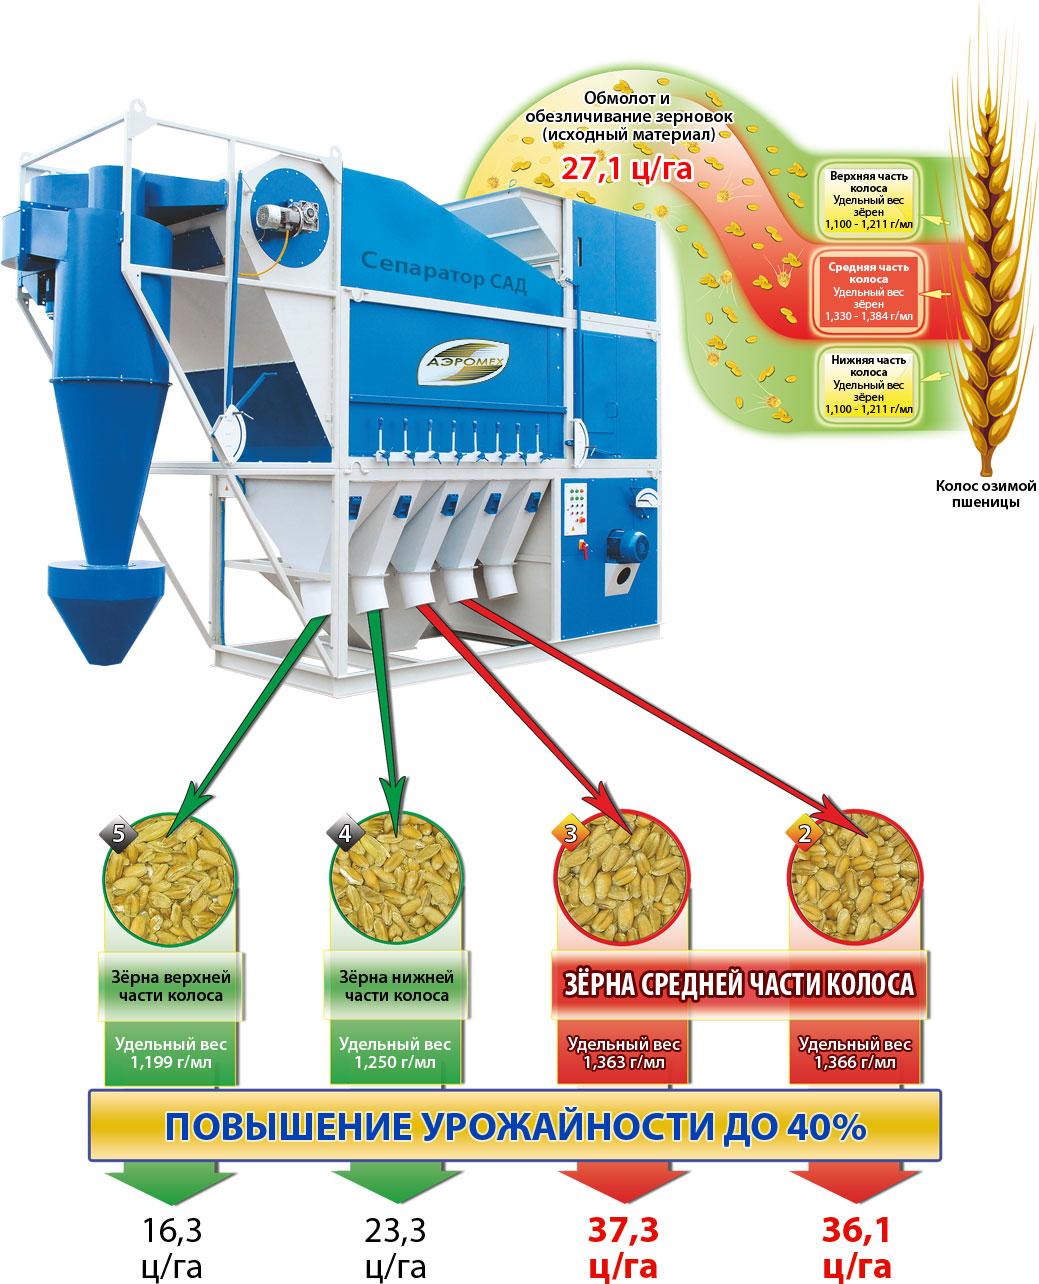 Схема Технология получения высокоурожайных семян на зерноочистительной машине САД